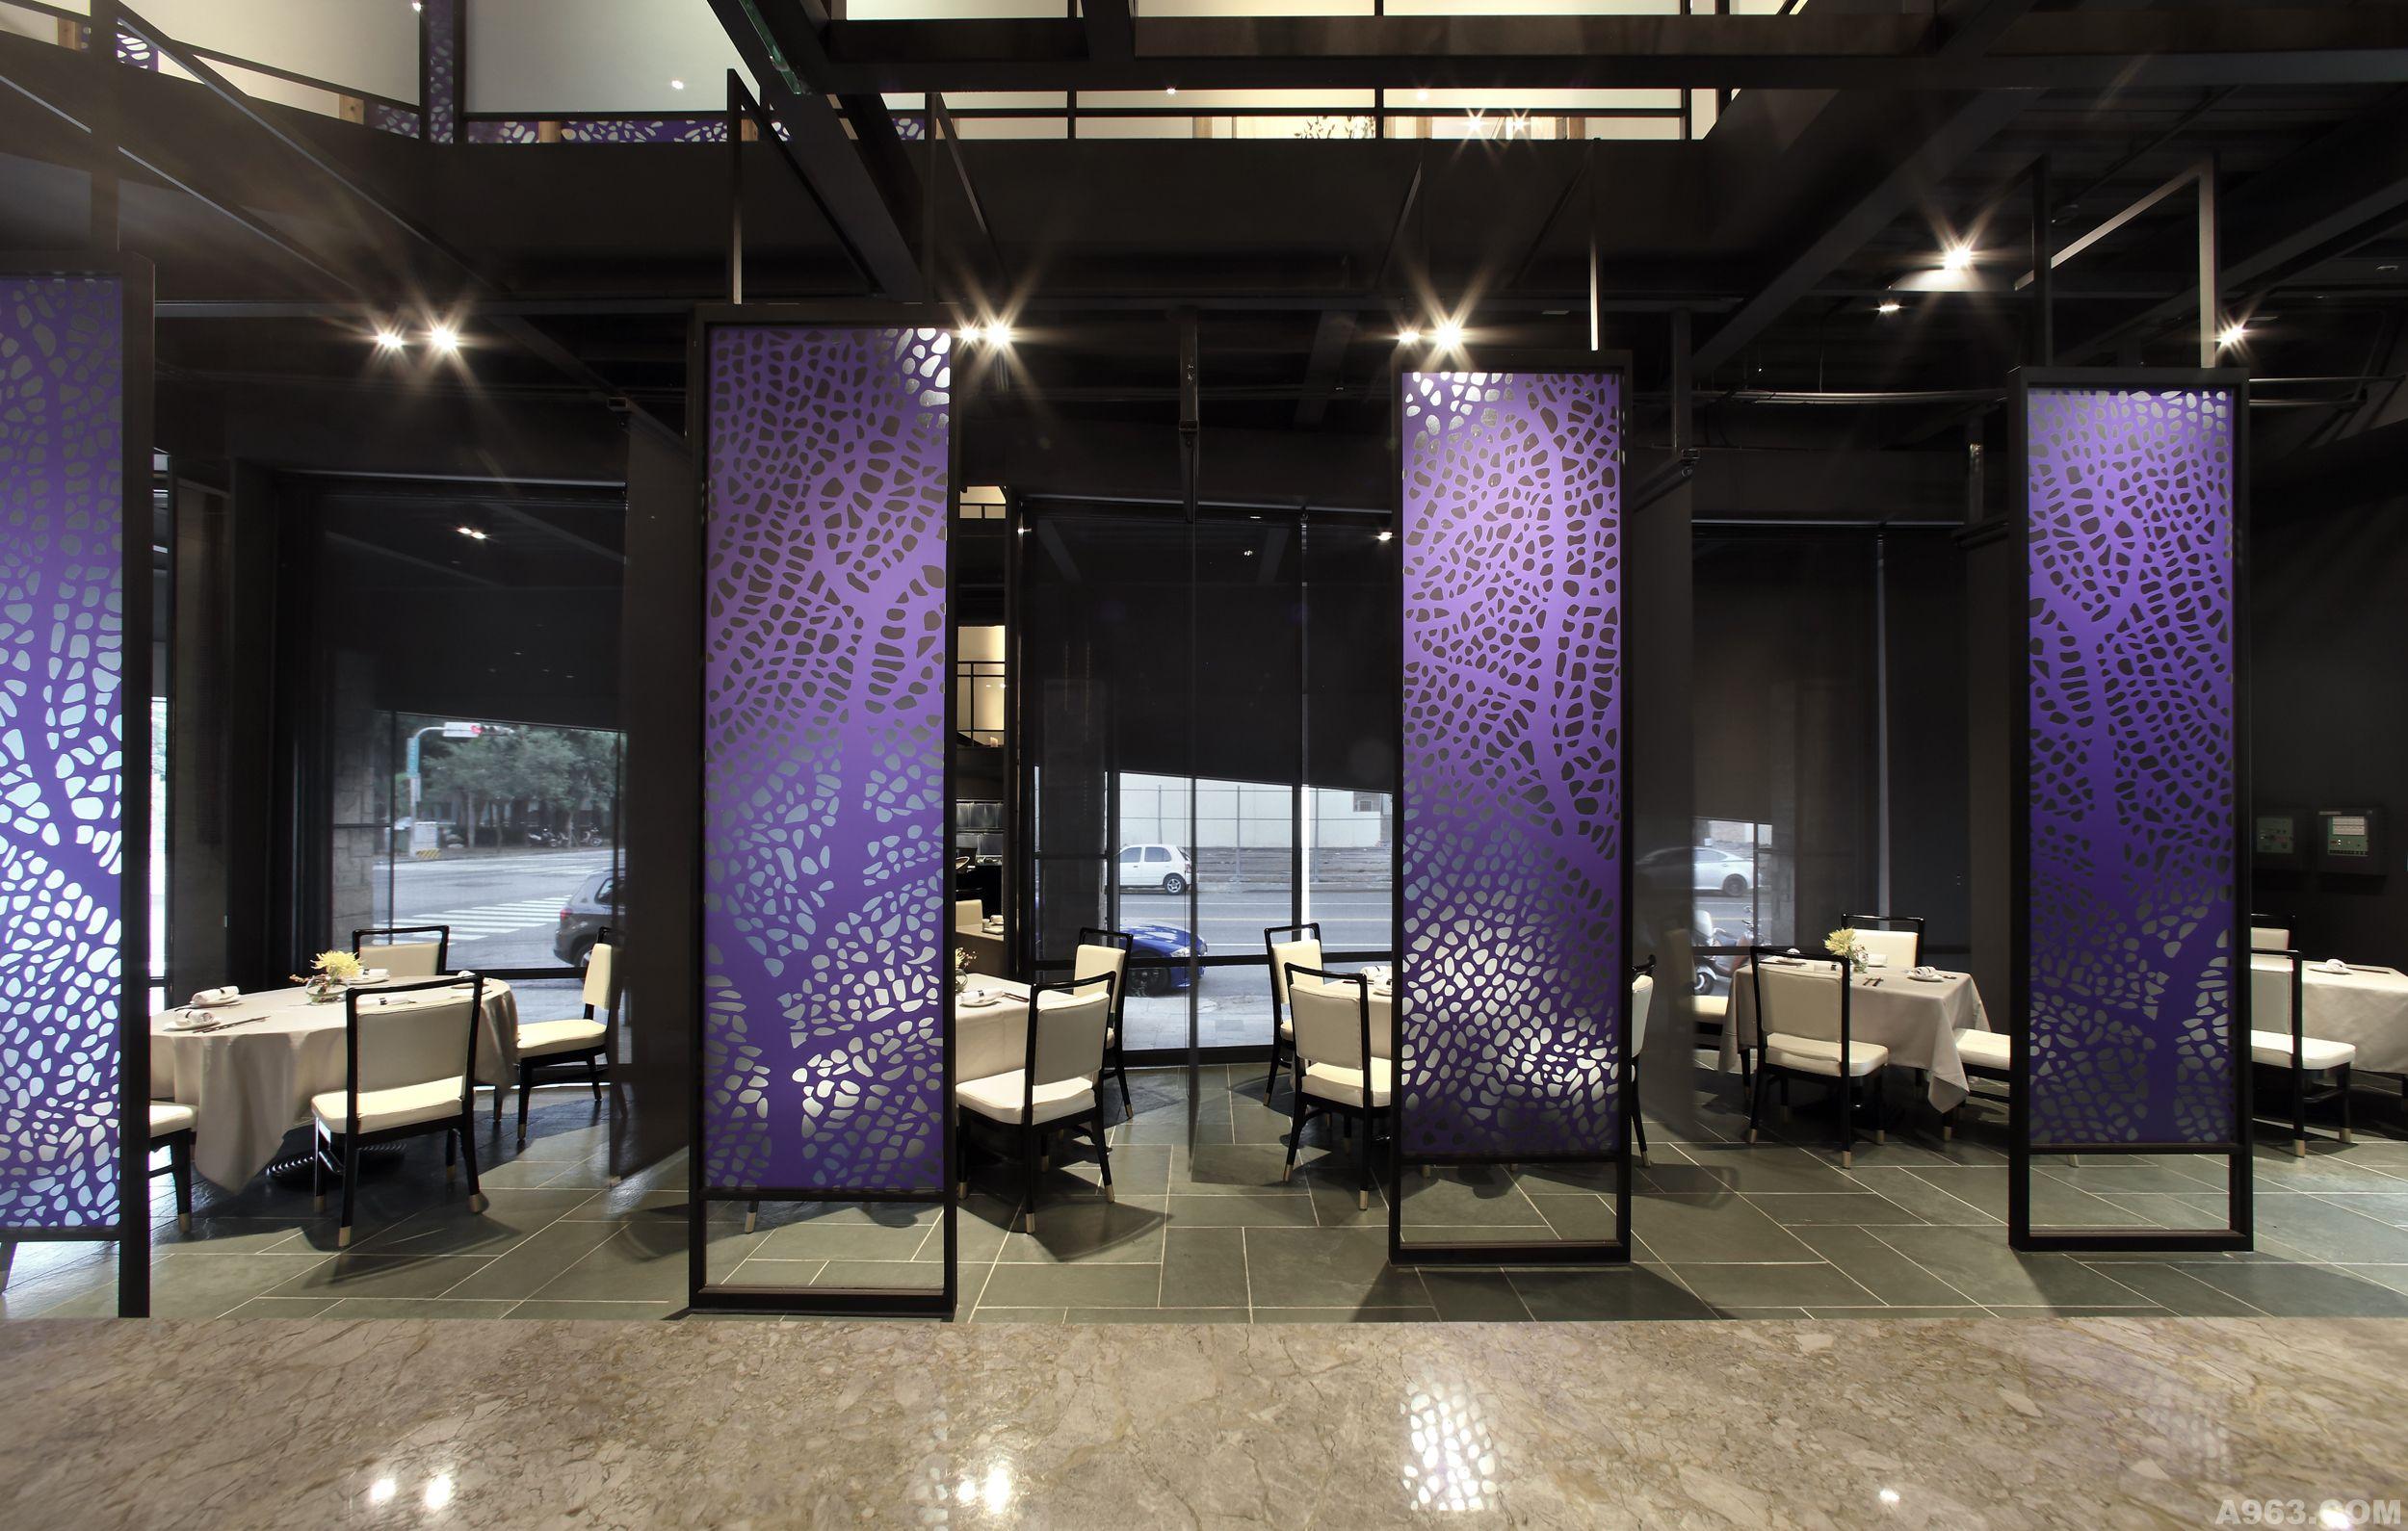 响海- 餐饮空间 - 第5页 - 杨焕生设计作品案例